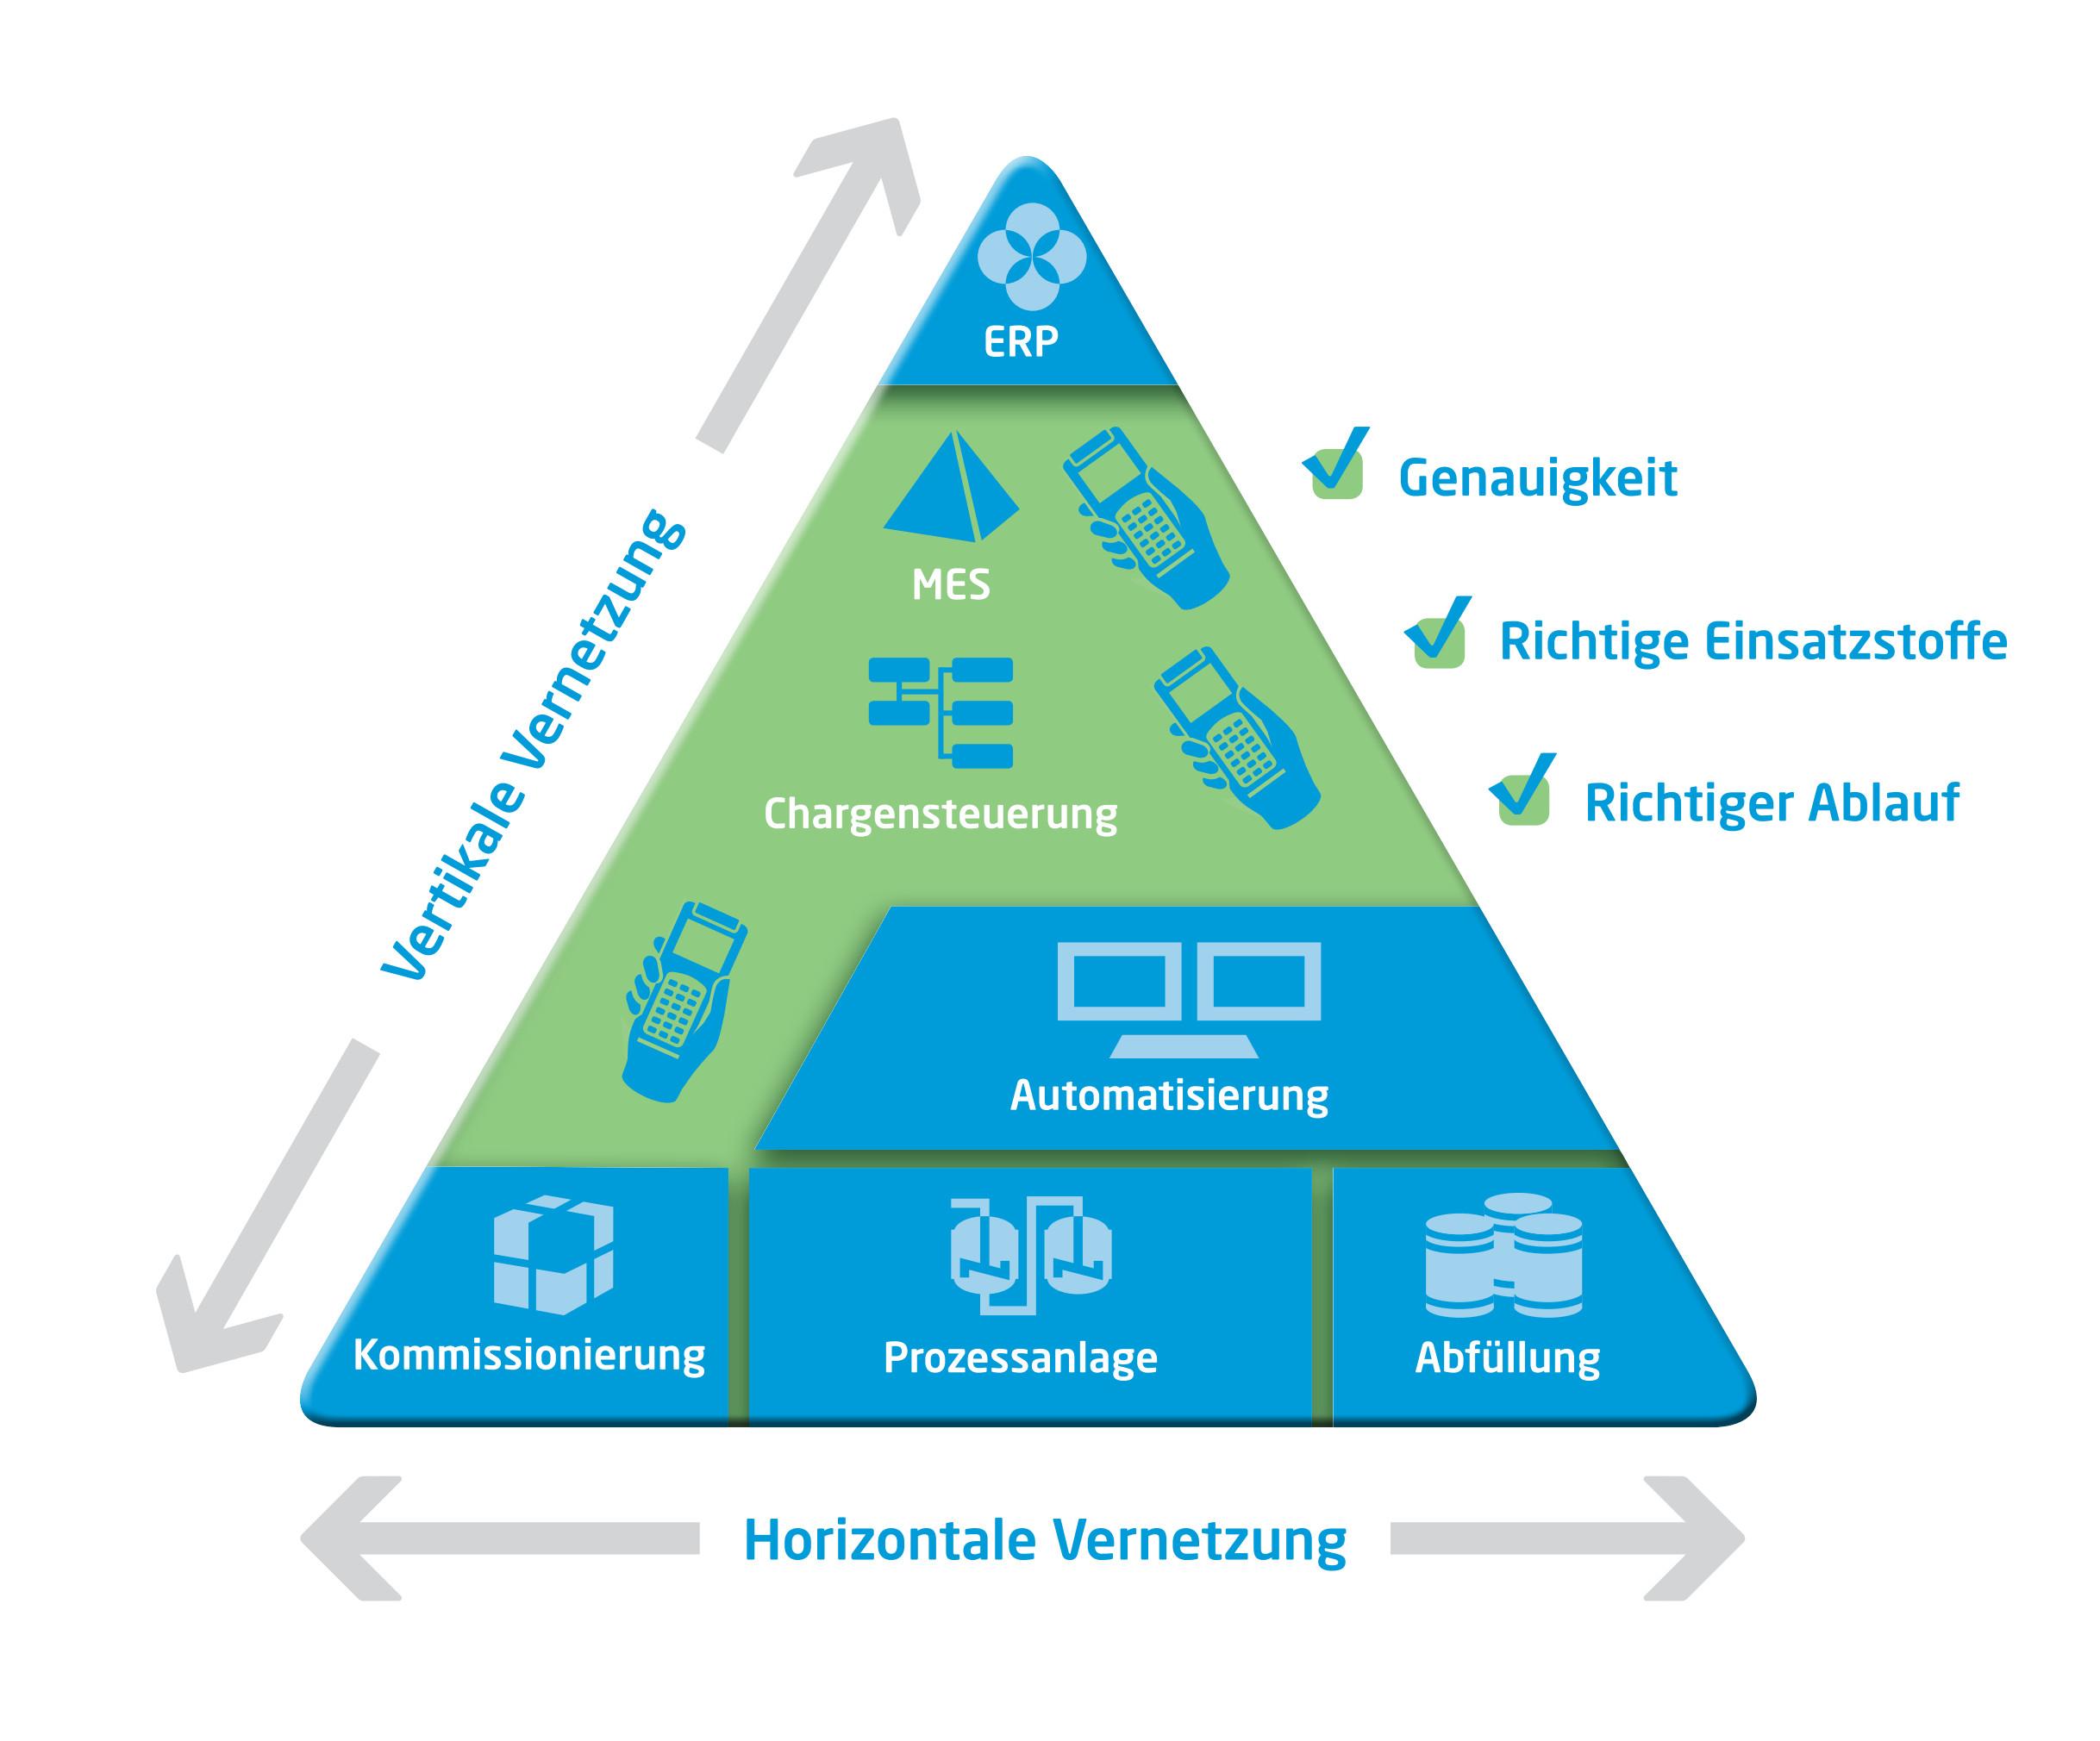 Pyramidenmodell des Zustands nach dem Ausbau. Durch die Vernetzung der Systeme und die Einführung modernster Automatisierungstechnik werden sowohl die Kommissionierung als auch die Produktions- und Abfüllprozesse in all ihren Abläufen durchgängig automatisiert und vernetzt. Bild: Process Automation Solutions